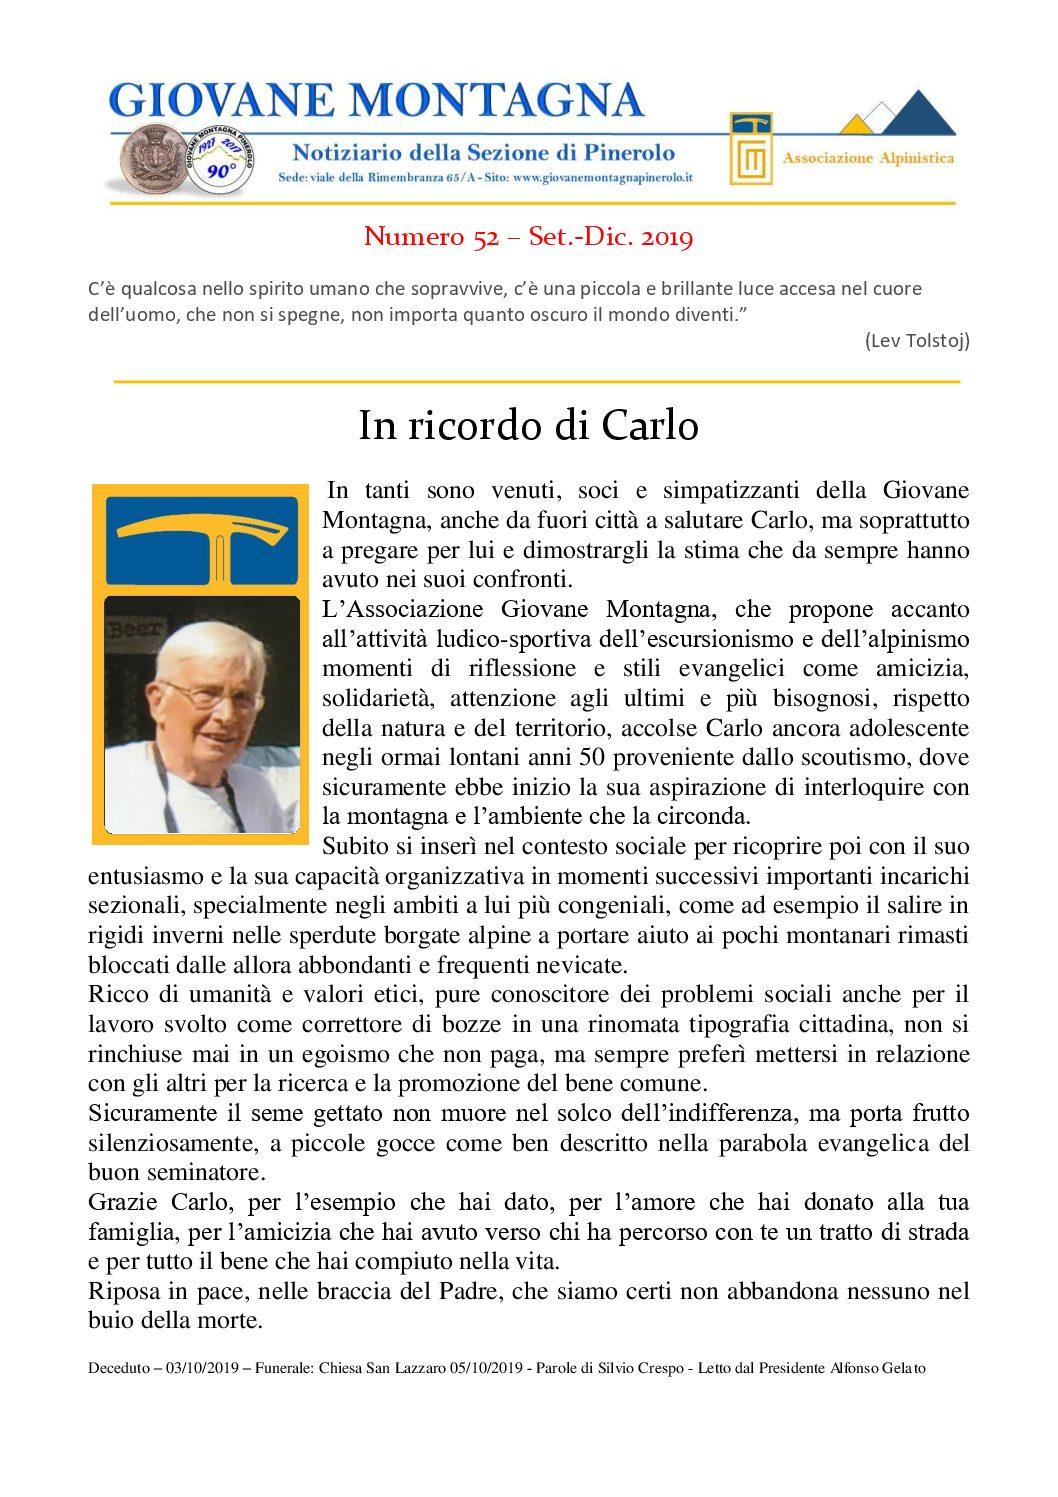 Notiziario n. 52 – Set./Dic. 2019